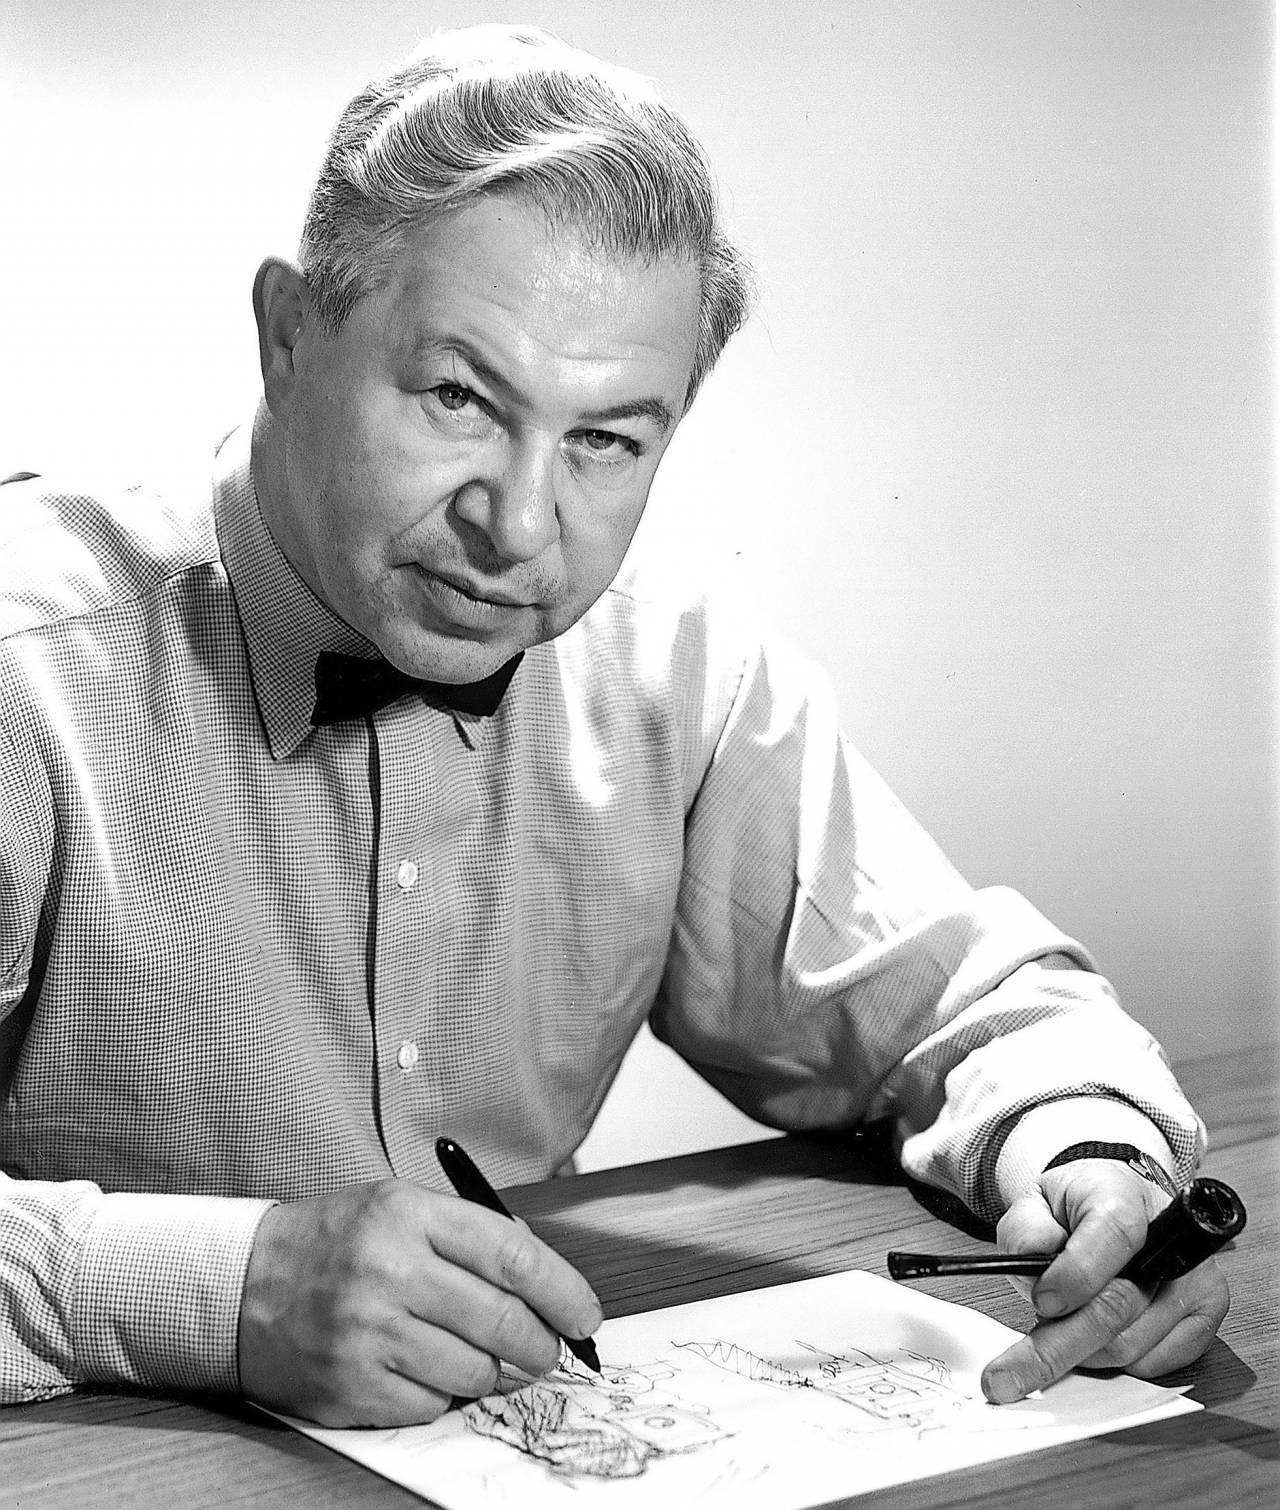 Arne Jacobsen, arkitekter och formgivare, skissar i ett block och tittar in i kameran